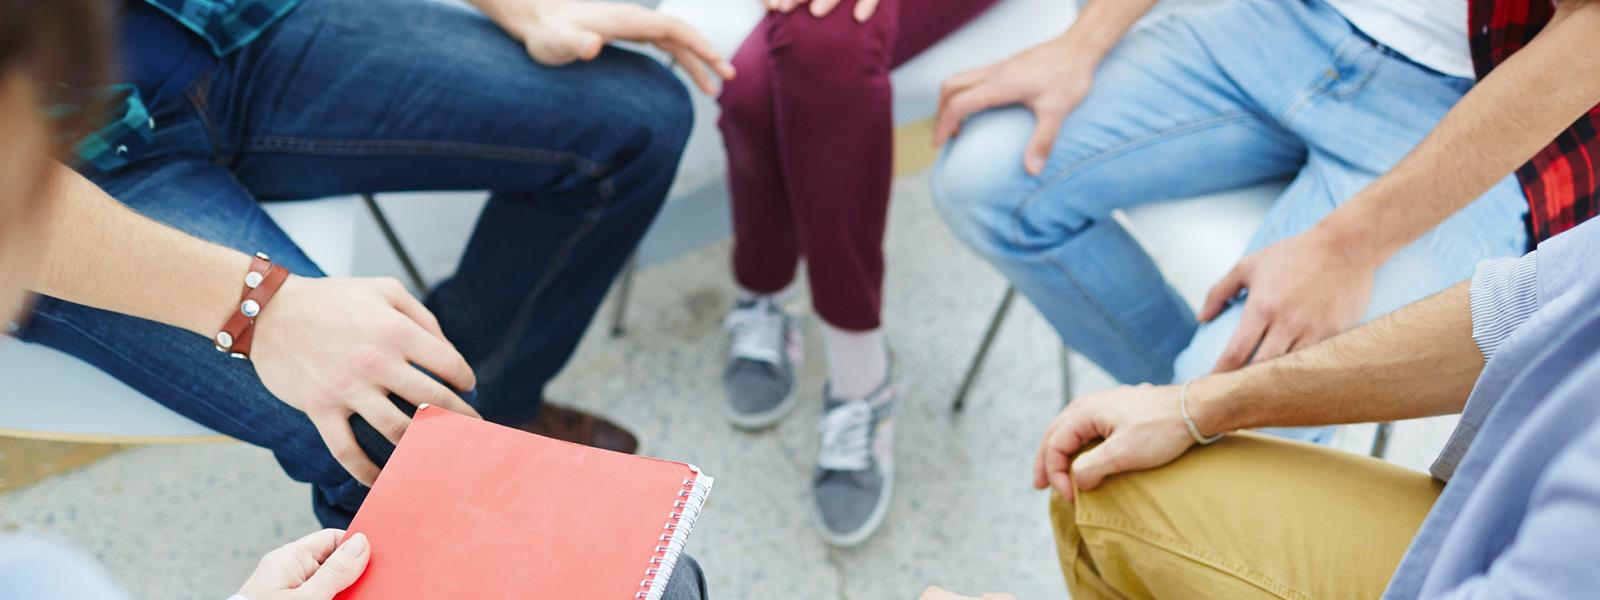 групповые психологические тренинги знакомство